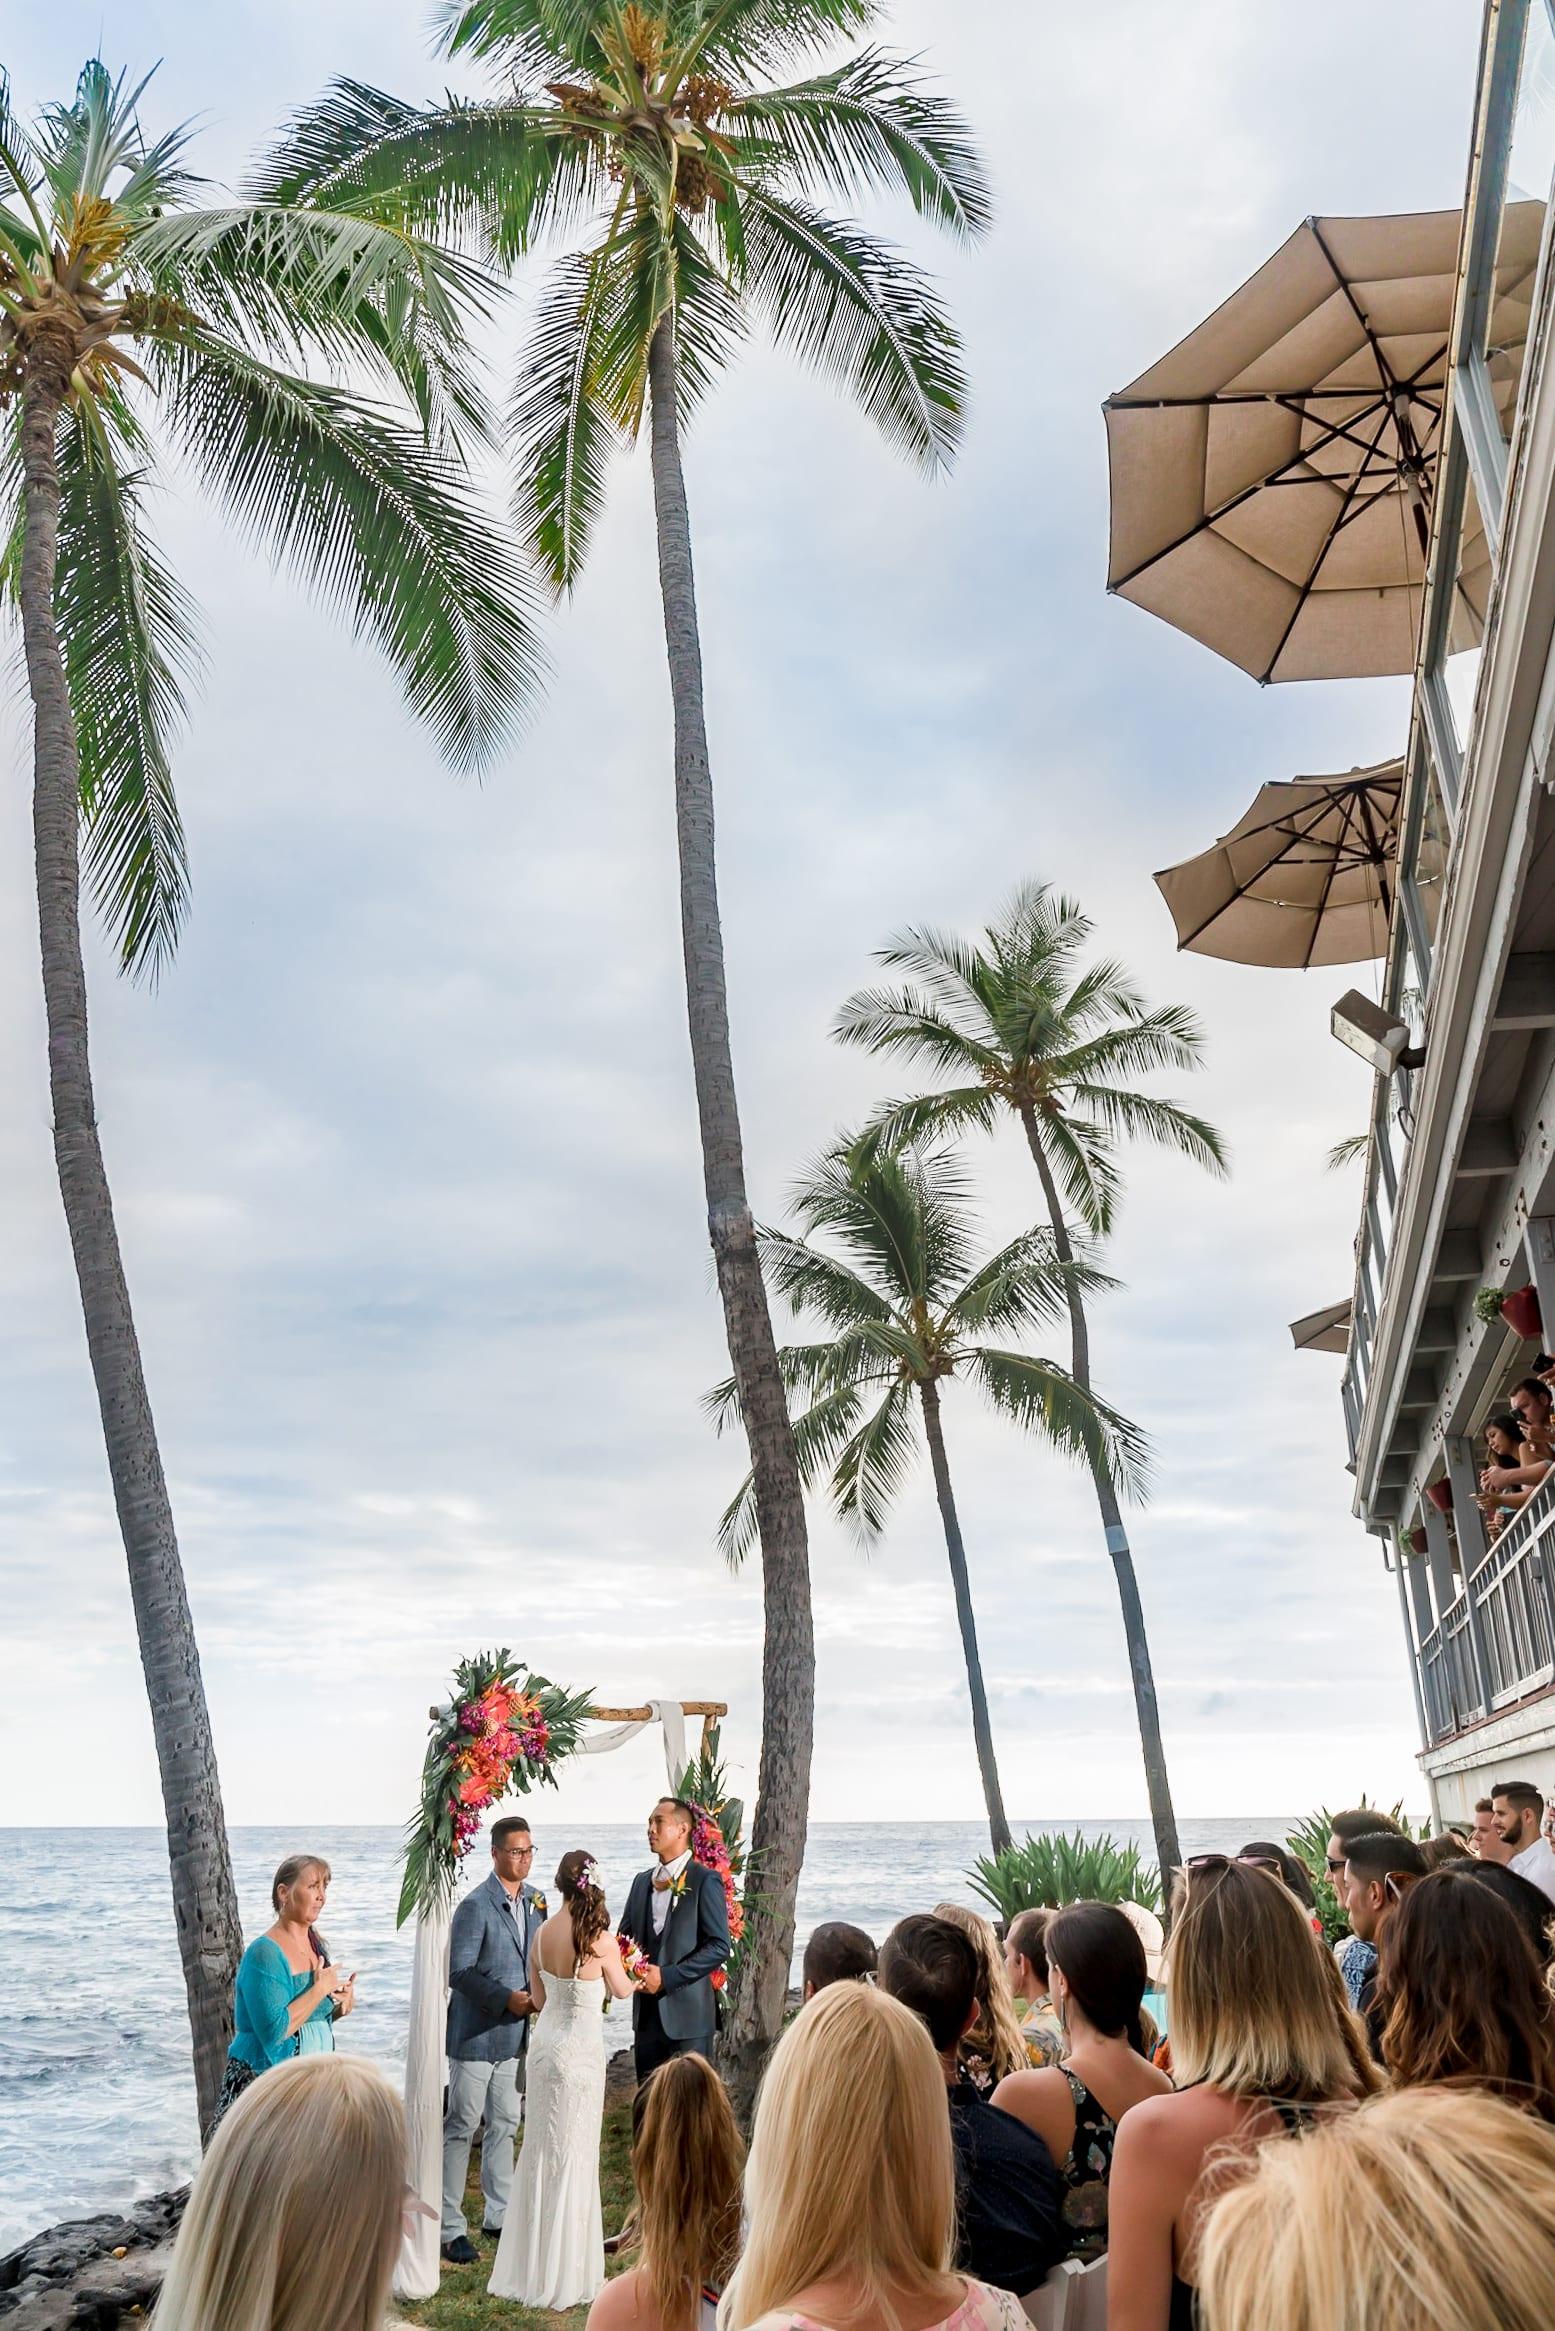 Big-Island-Hawaii-Jade-Keyes-Derrick-Alig-Daylight-Mind-Kailua-Kona-Hawaii-Wedding10.jpg